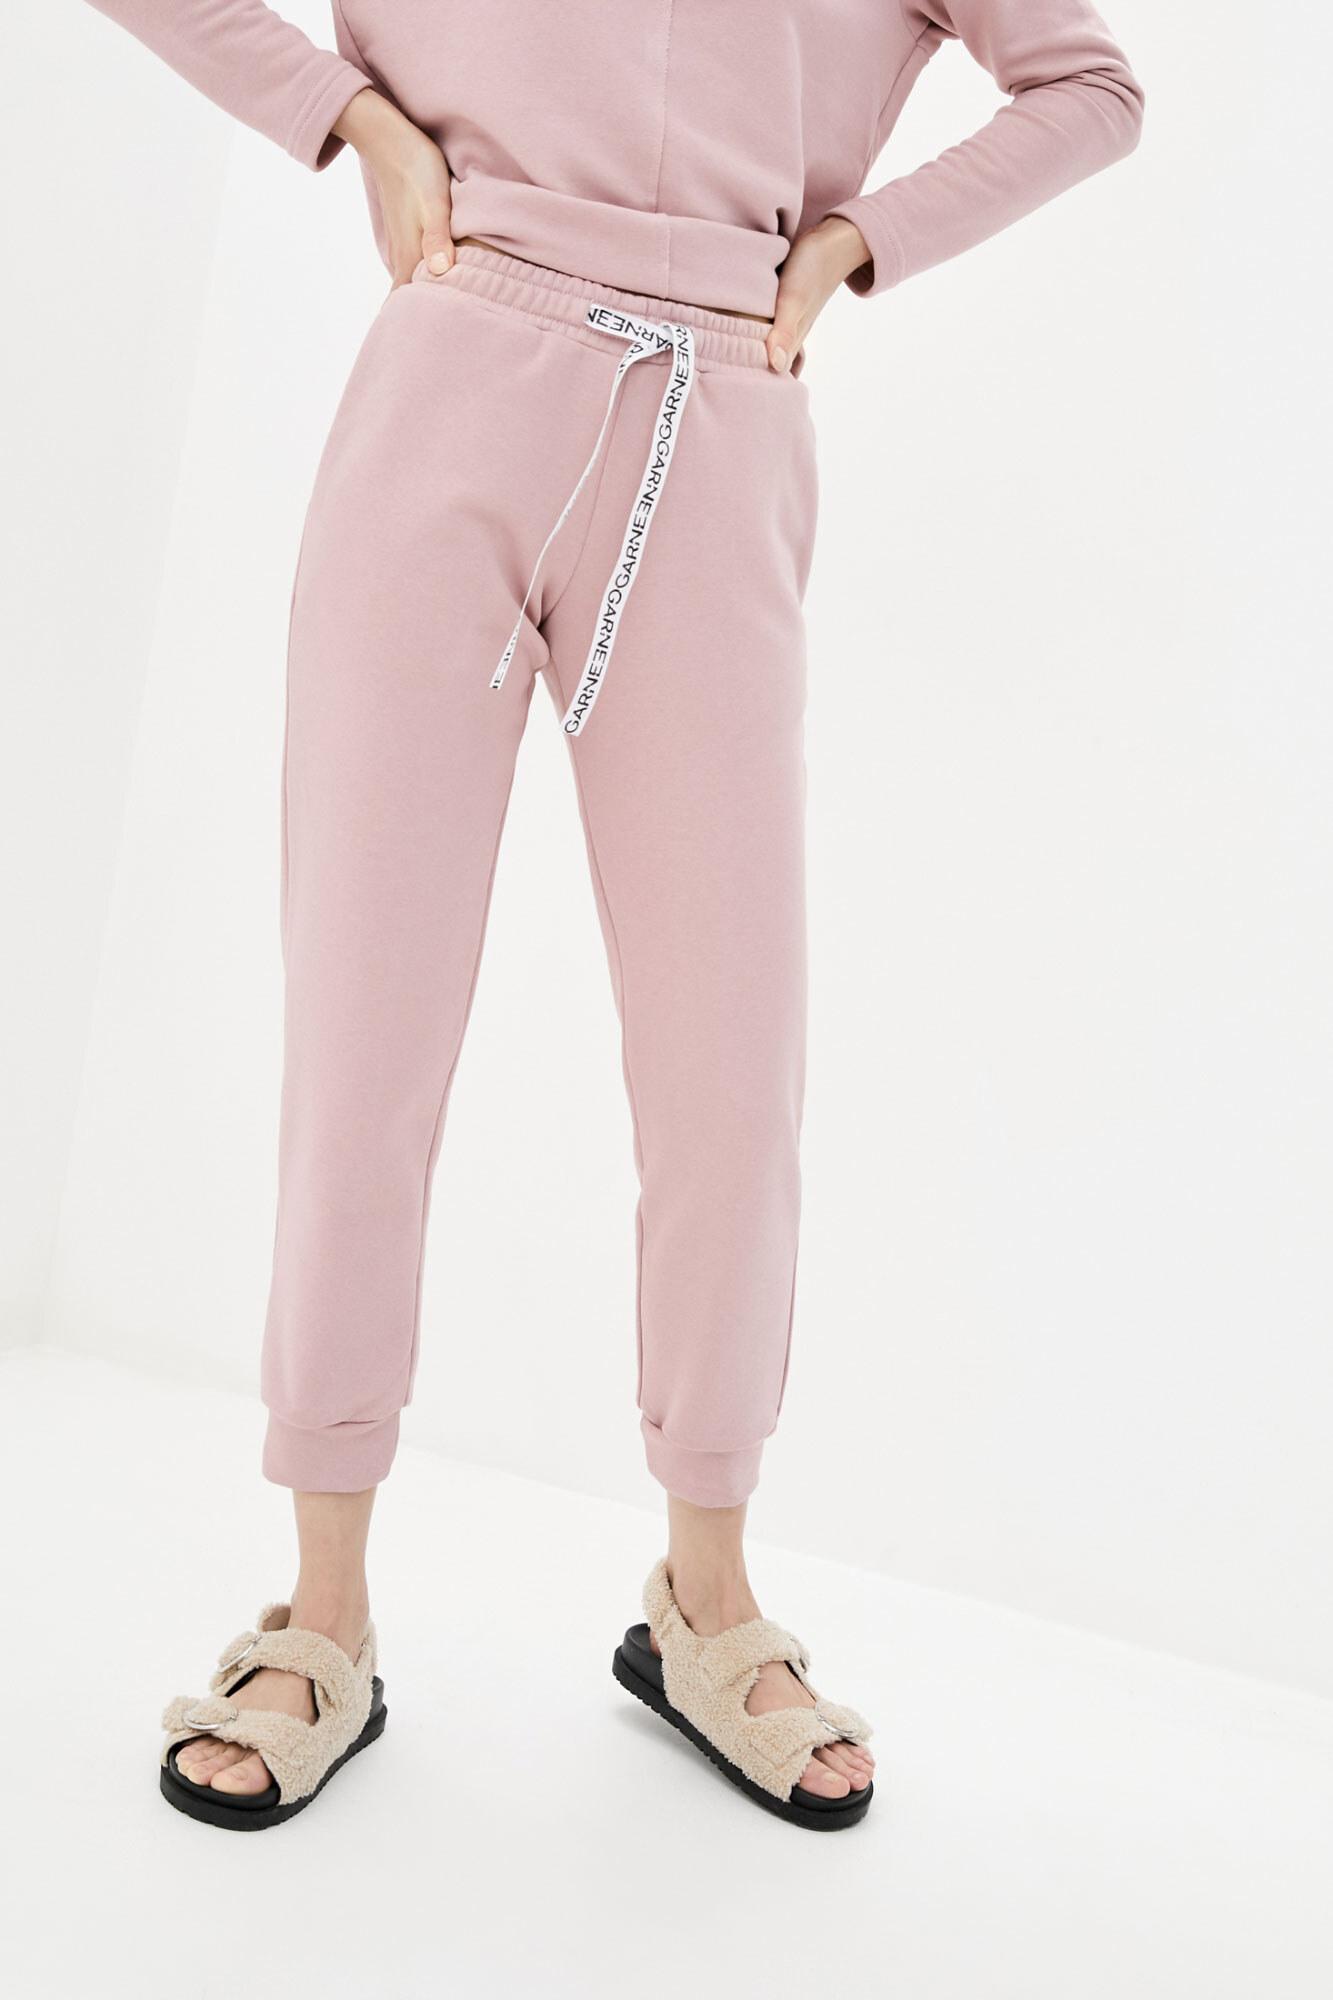 Хлопковые спортивные штаны джоггеры розового цвета GEN